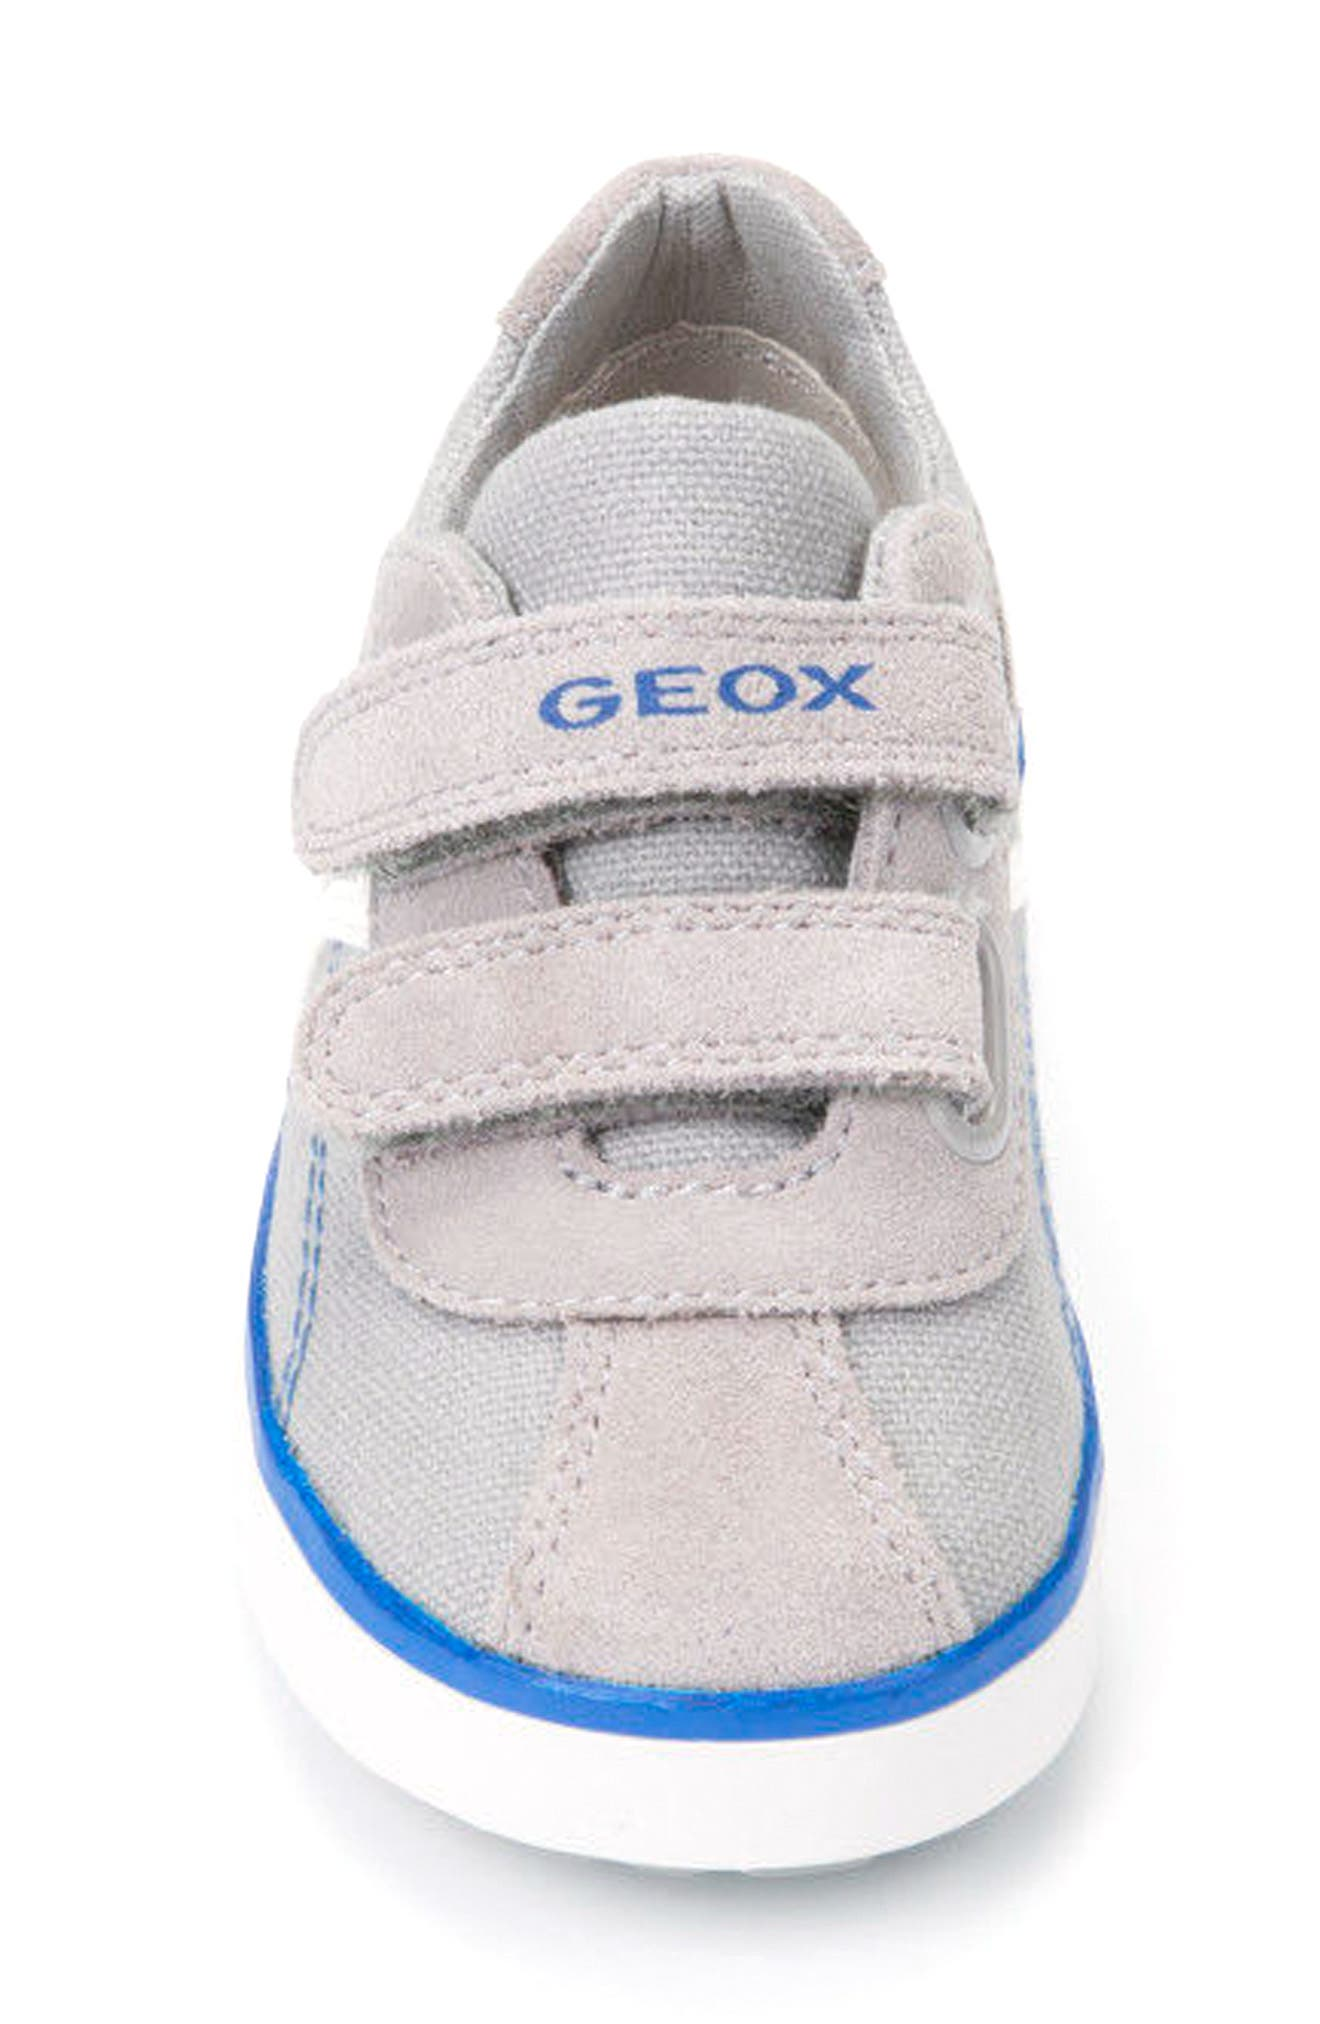 Kilwi Low Top Sneaker,                             Alternate thumbnail 4, color,                             Grey